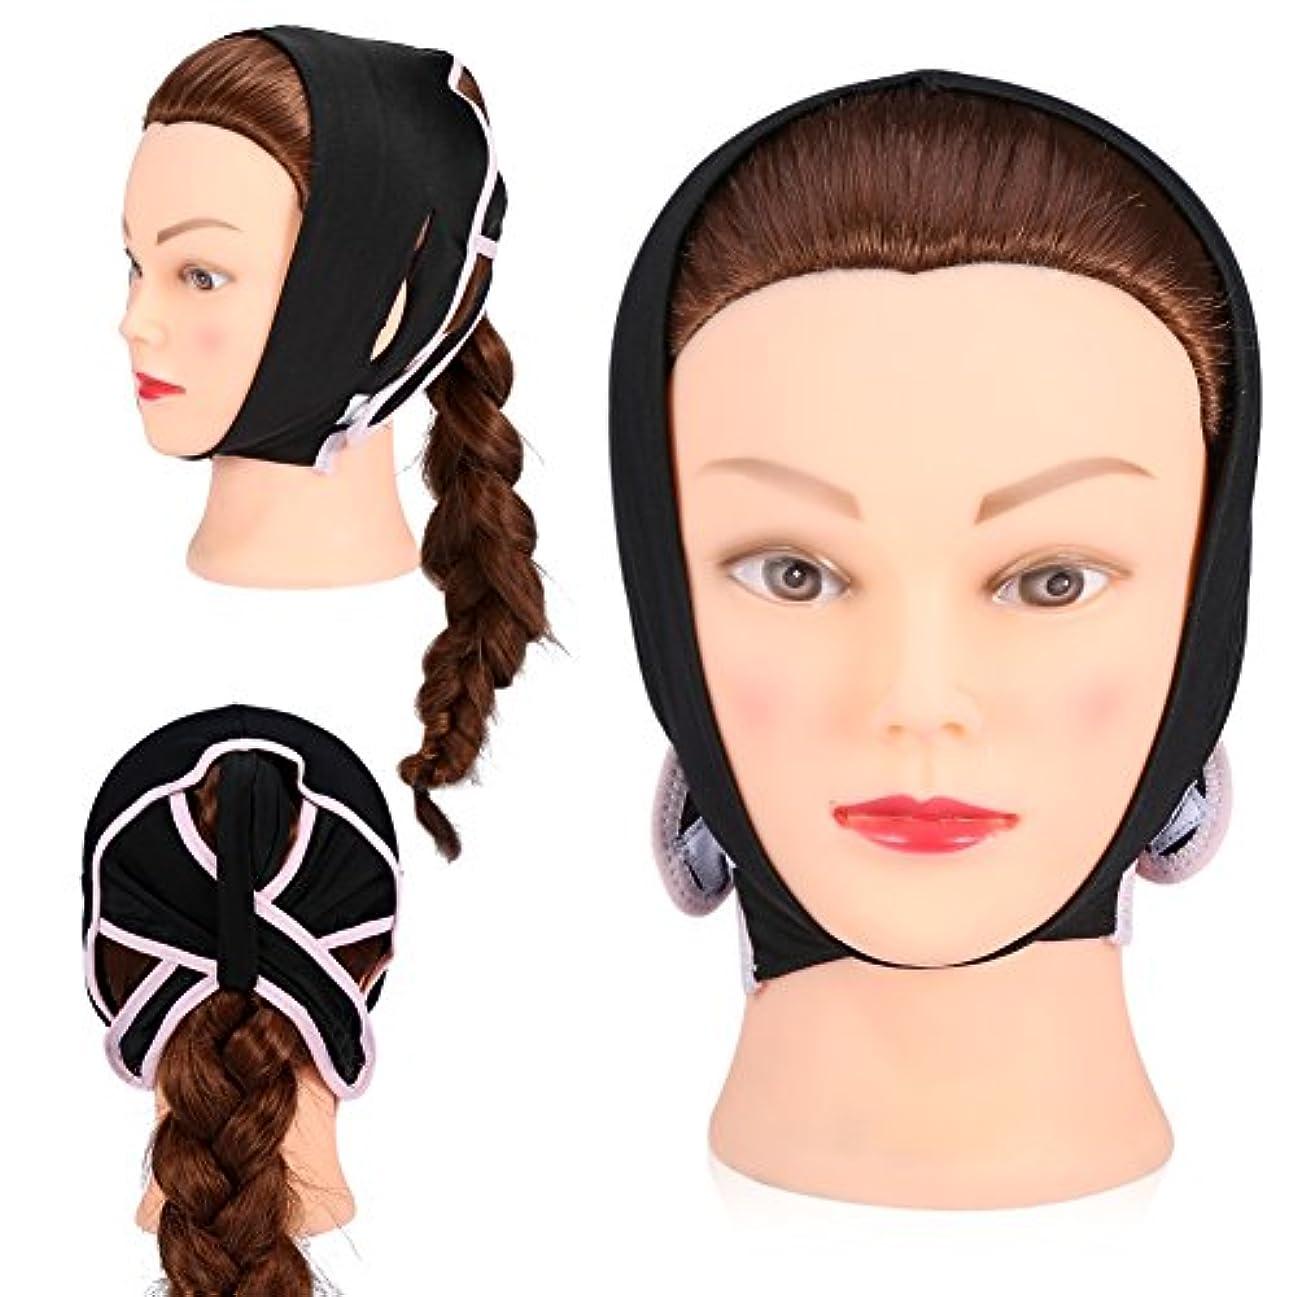 裁量以降ことわざ顔 輪郭 改善 Vフェイス 美容包帯 首 頬 あご引き締めます(M)